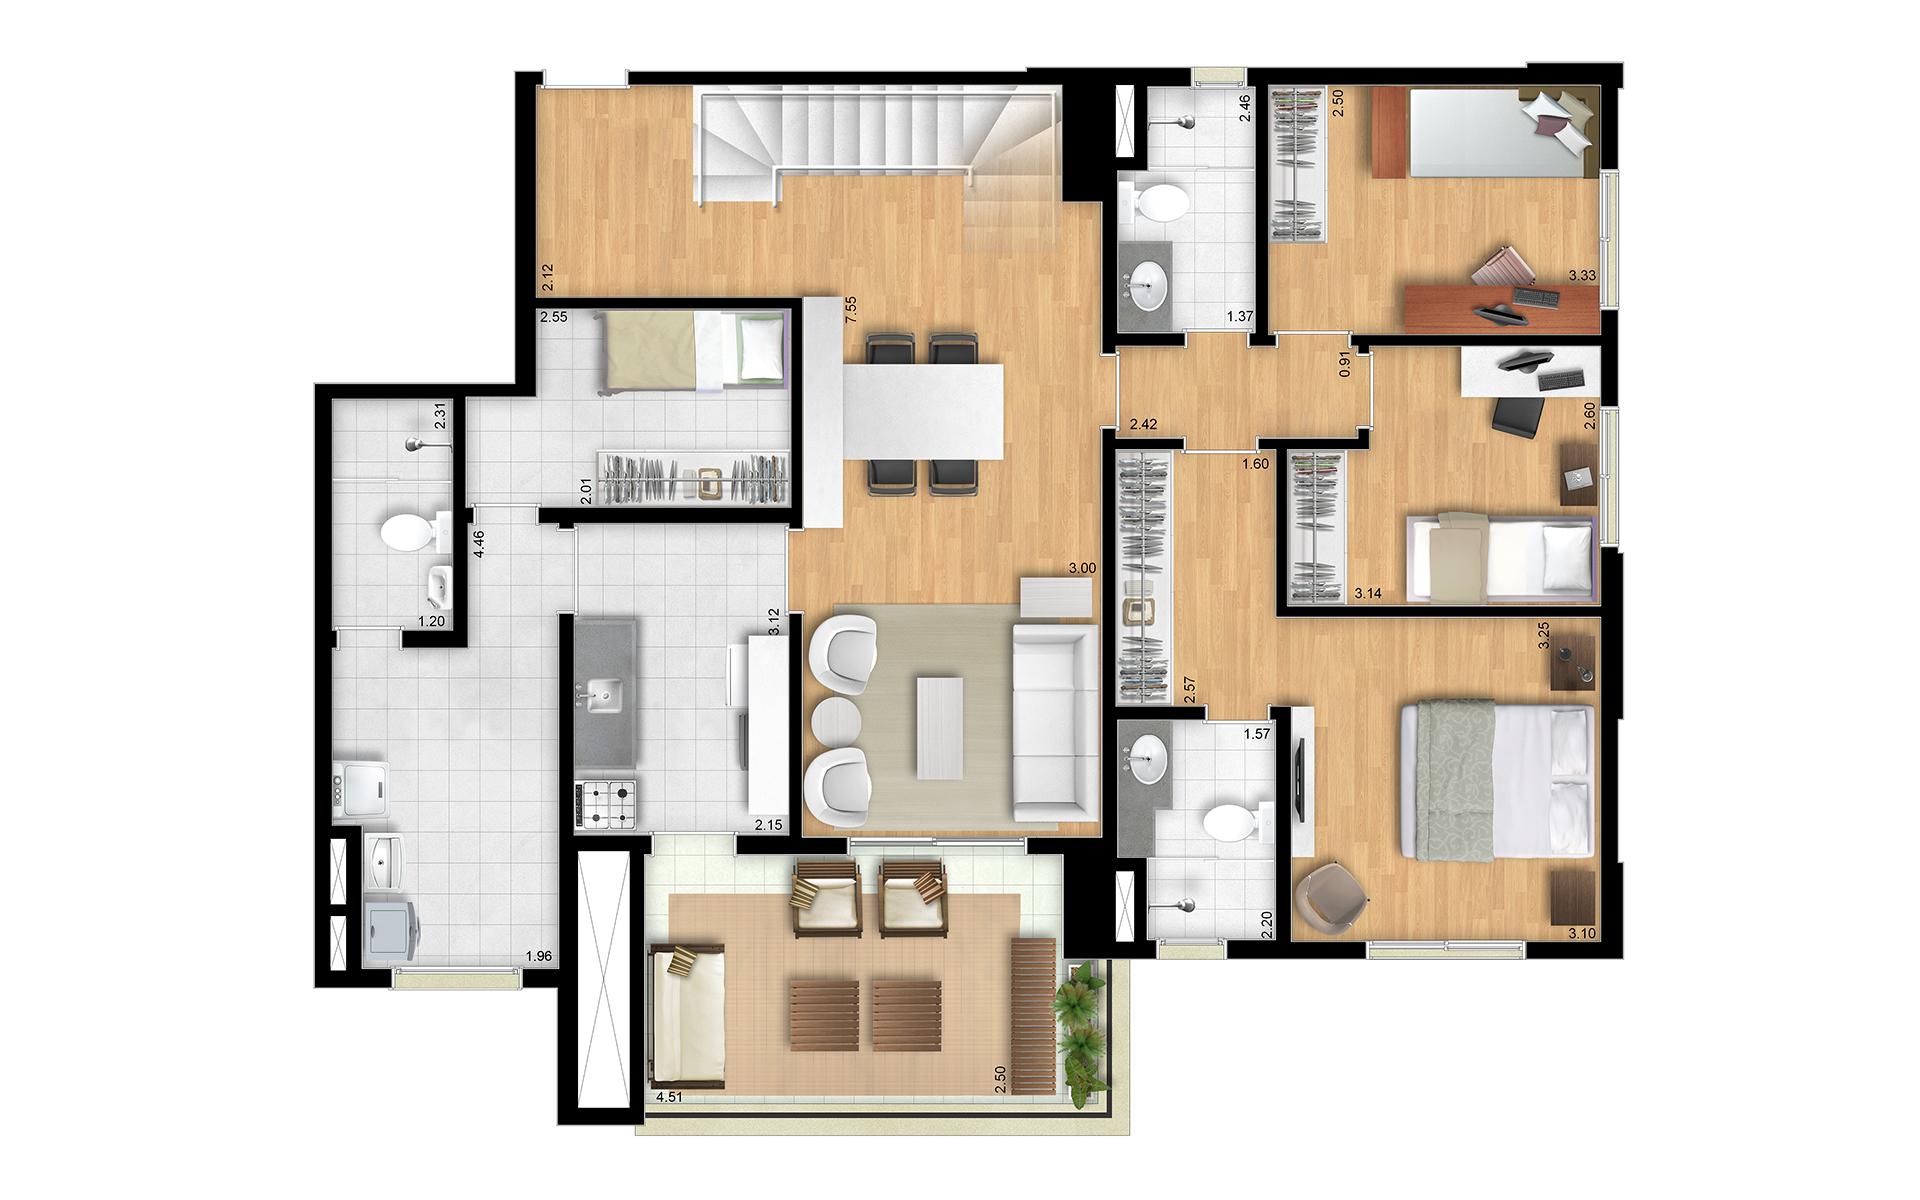 239m² - Duplex Inferior - Final 2 Torres Araucária e Dália